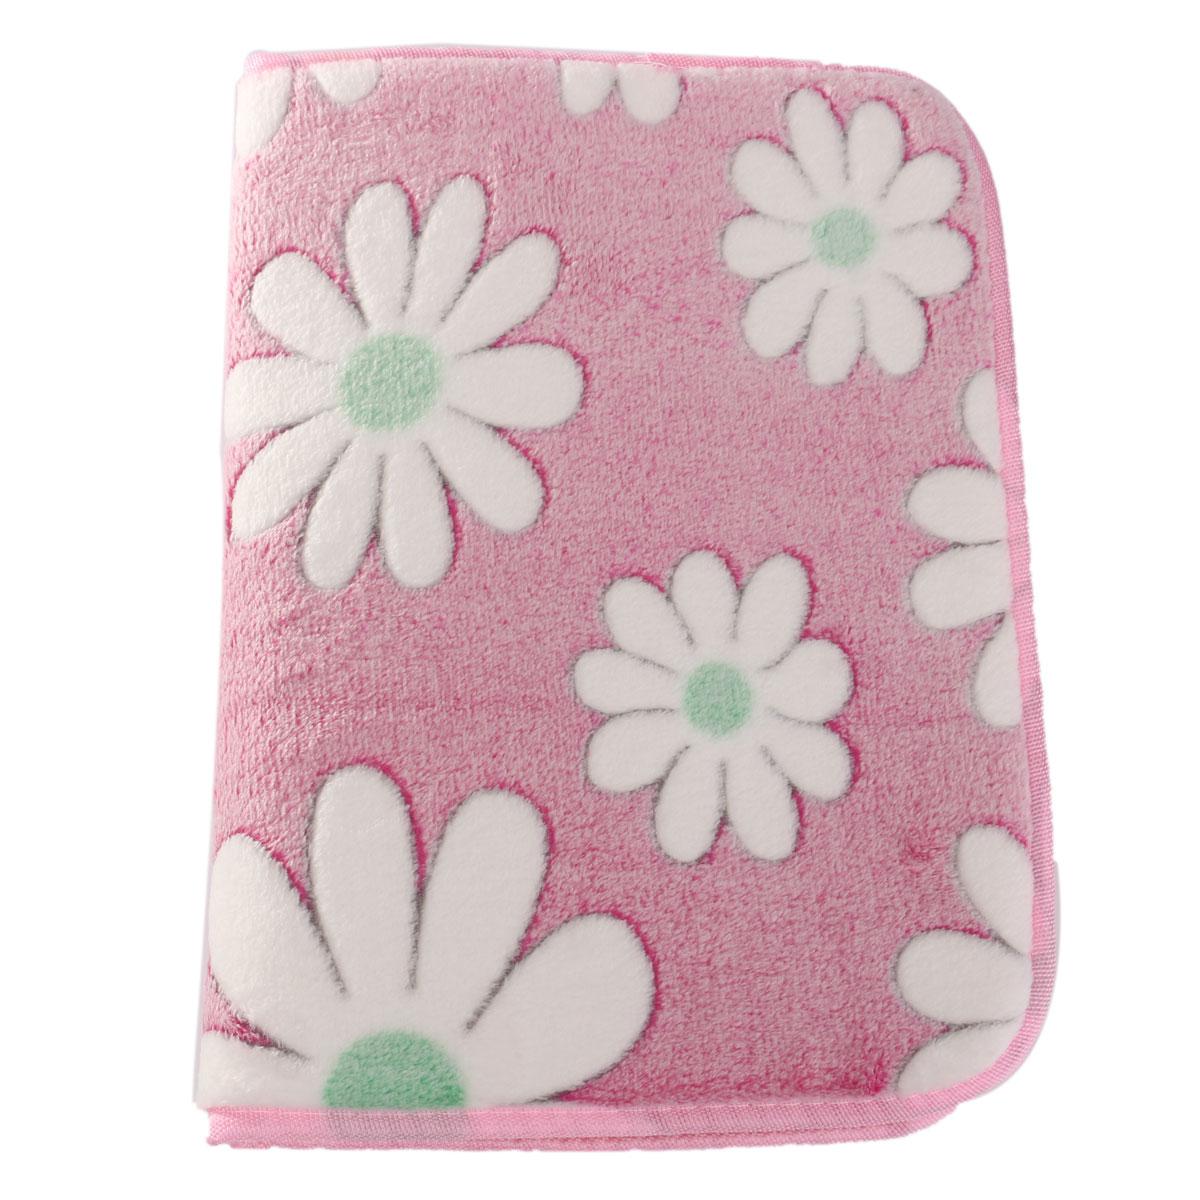 Soft floor bath bathroom bedroom rug carpet mat home for Big w bathroom mats